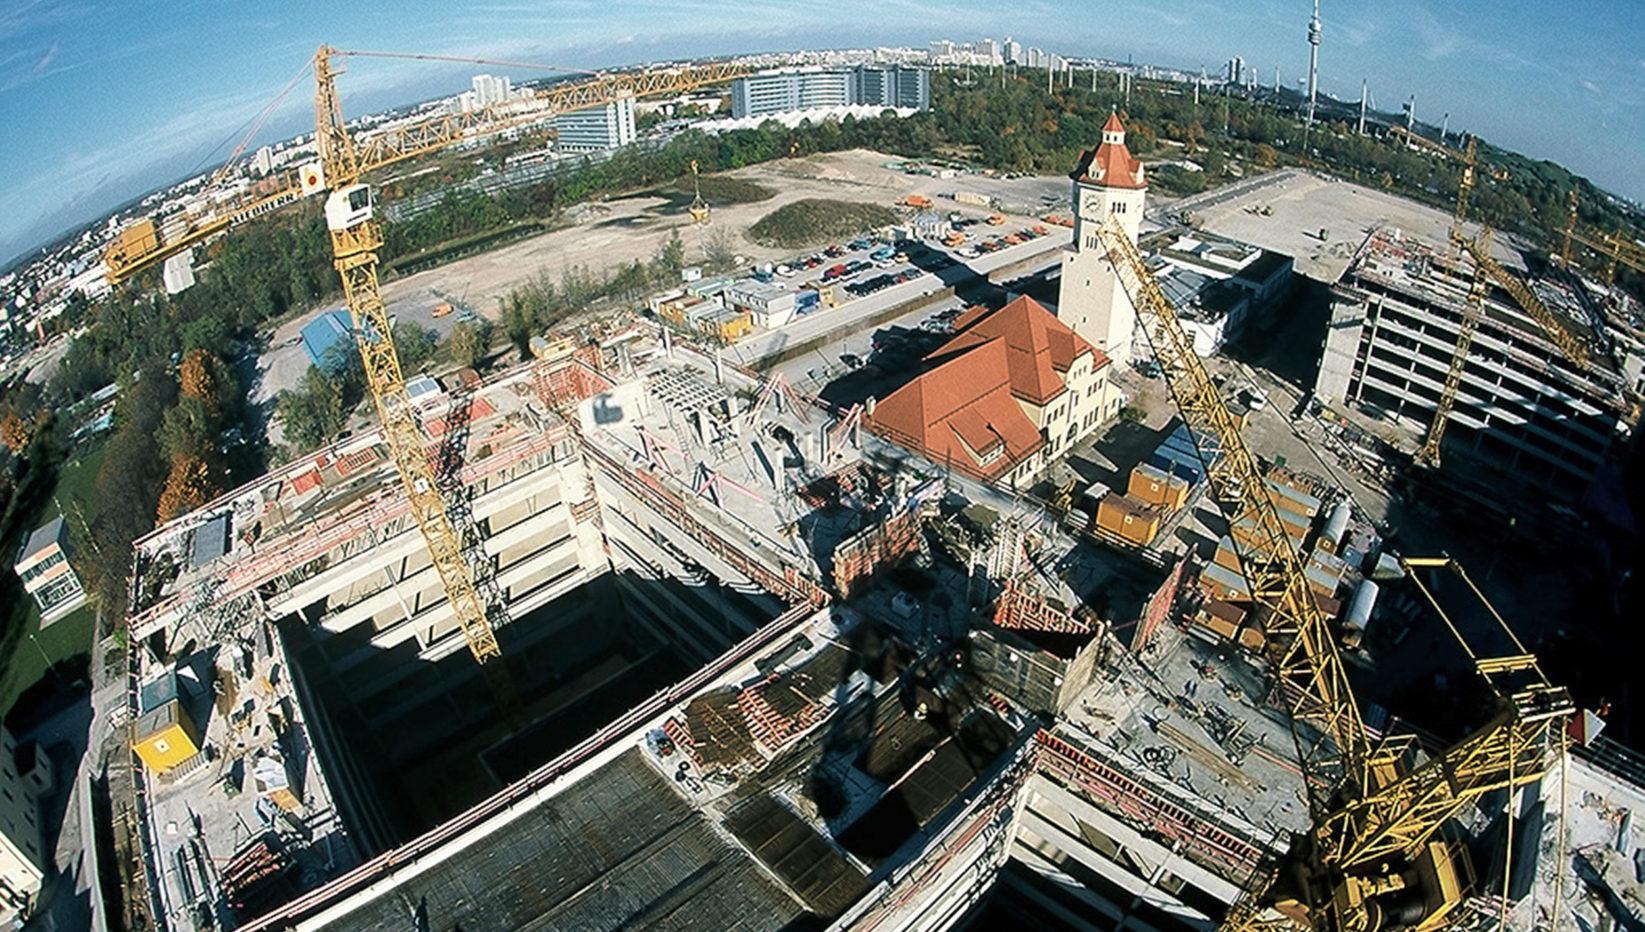 Luftaufnahme des Bürozentrums für die Verwaltung der Stadtwerke München kurz vor Fertigstellung der Betonarbeiten. Zu sehen sind 6-stöckige Gebäude und Kräne.